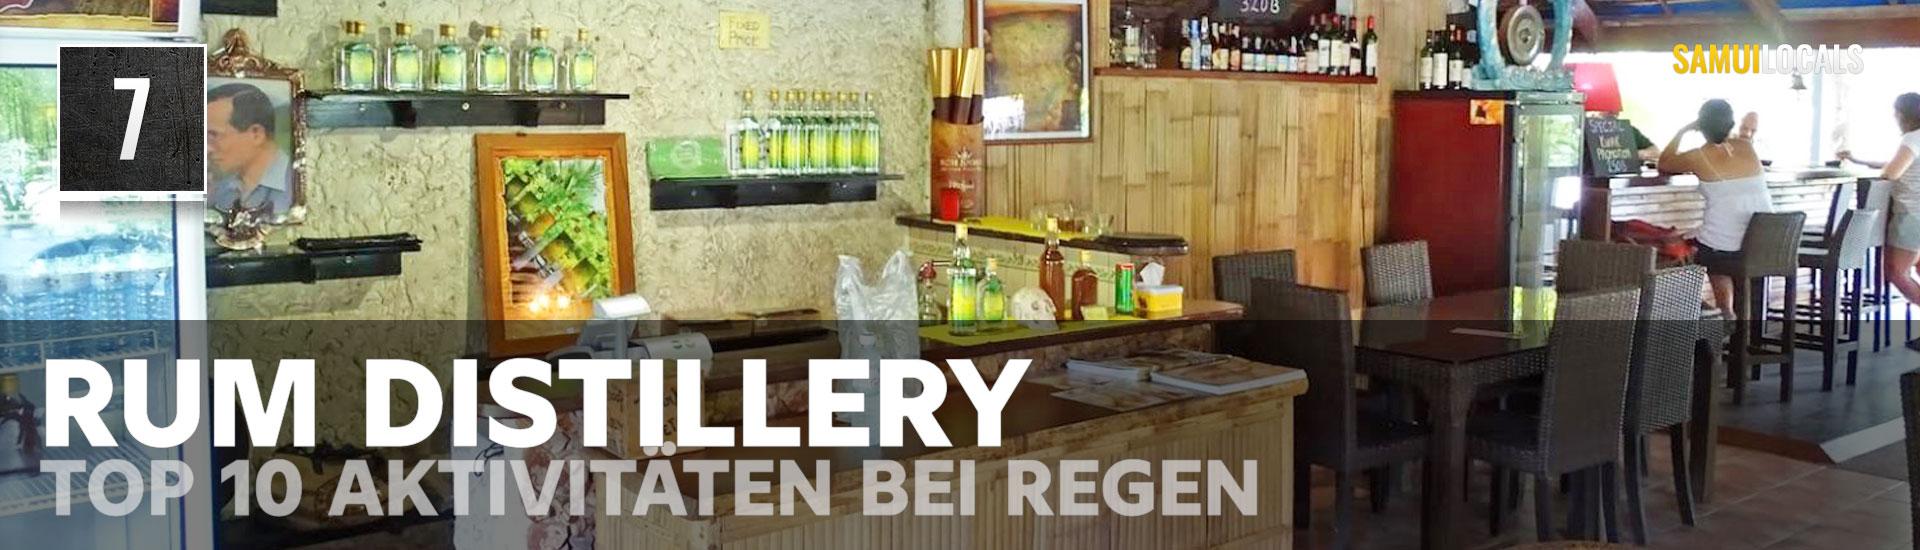 top_10_aktivitaeten_bei_regen_rum_distillery